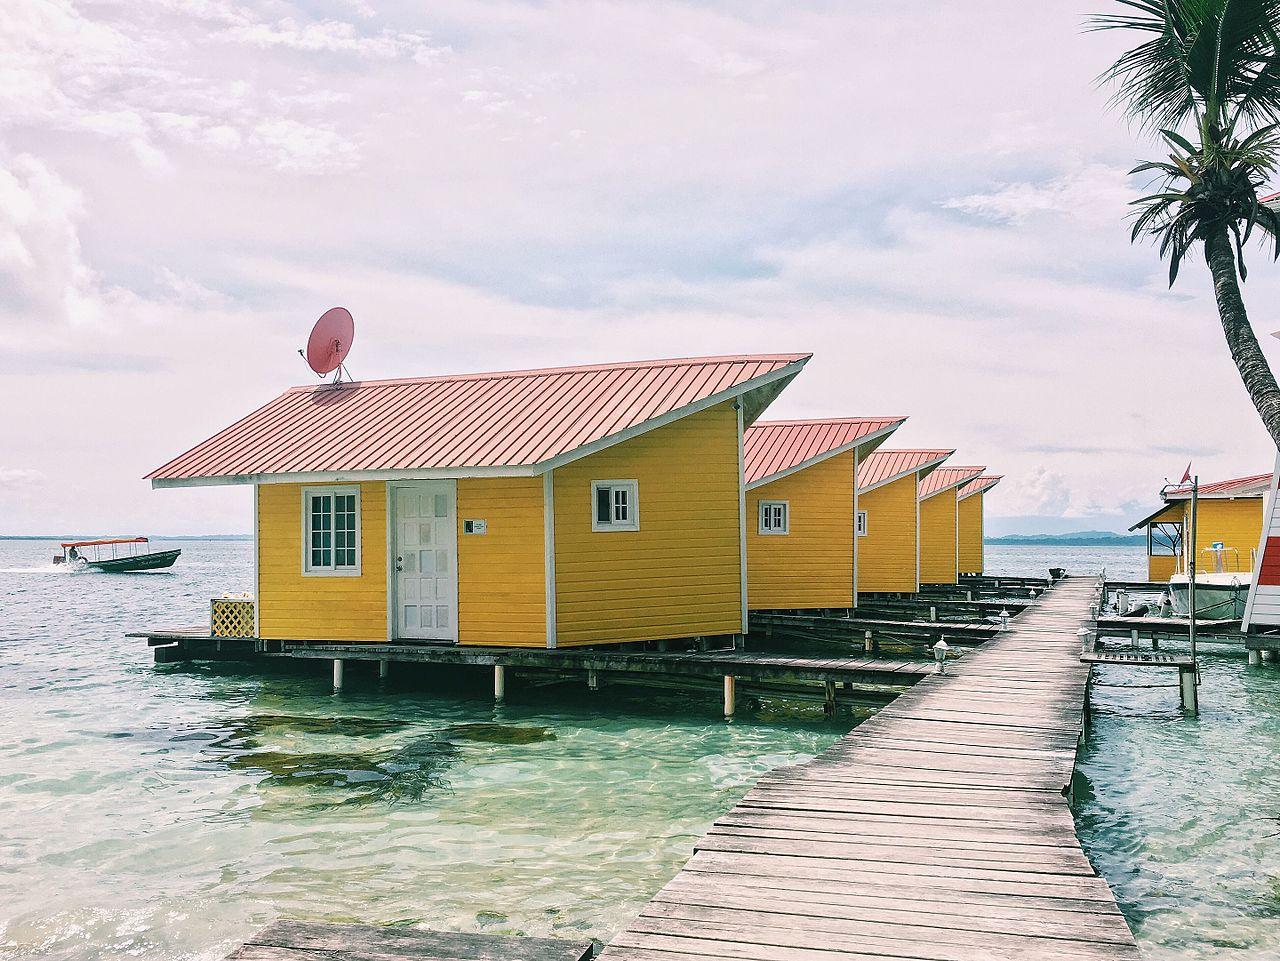 Maison en bois sur le bord de mer